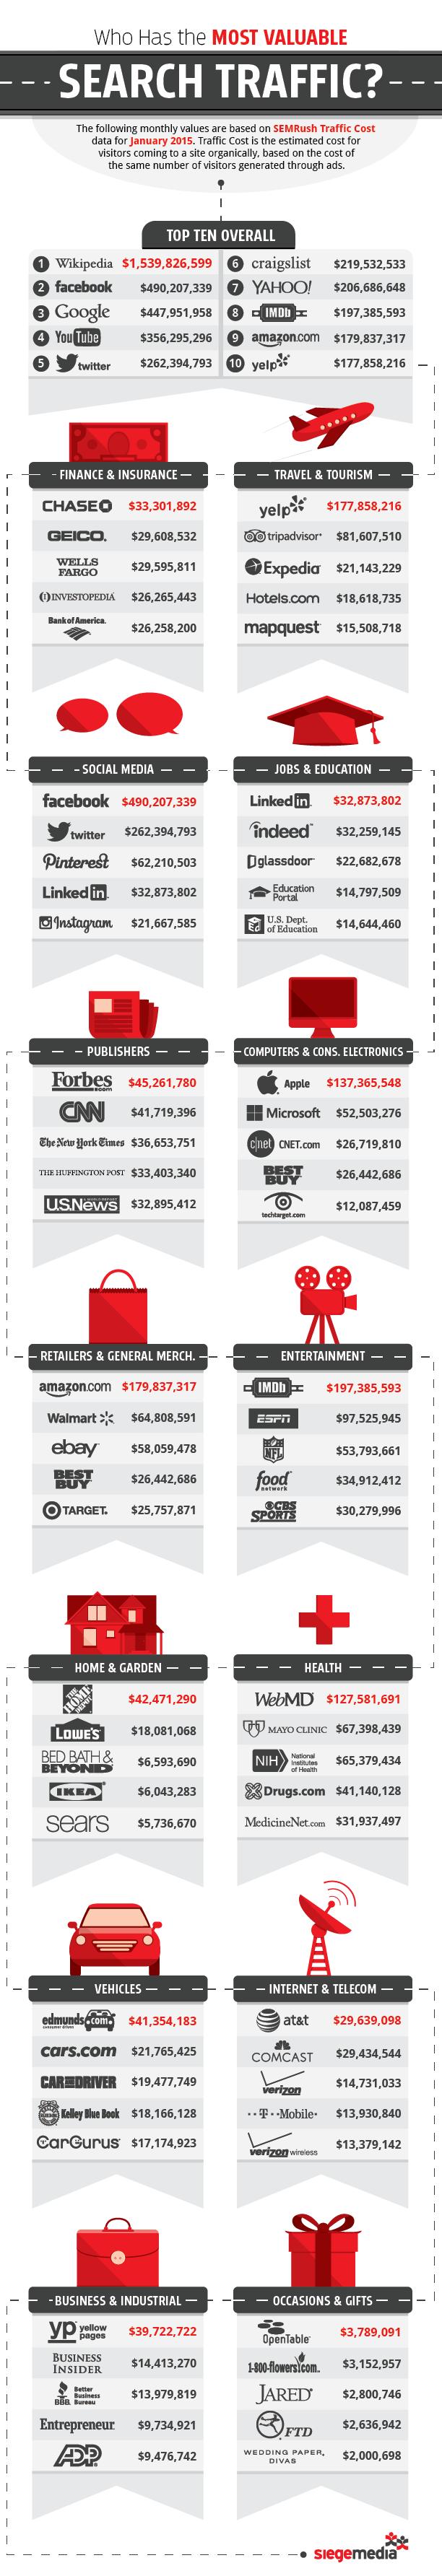 Chi riceve il volume più alto di traffico dalla ricerca?